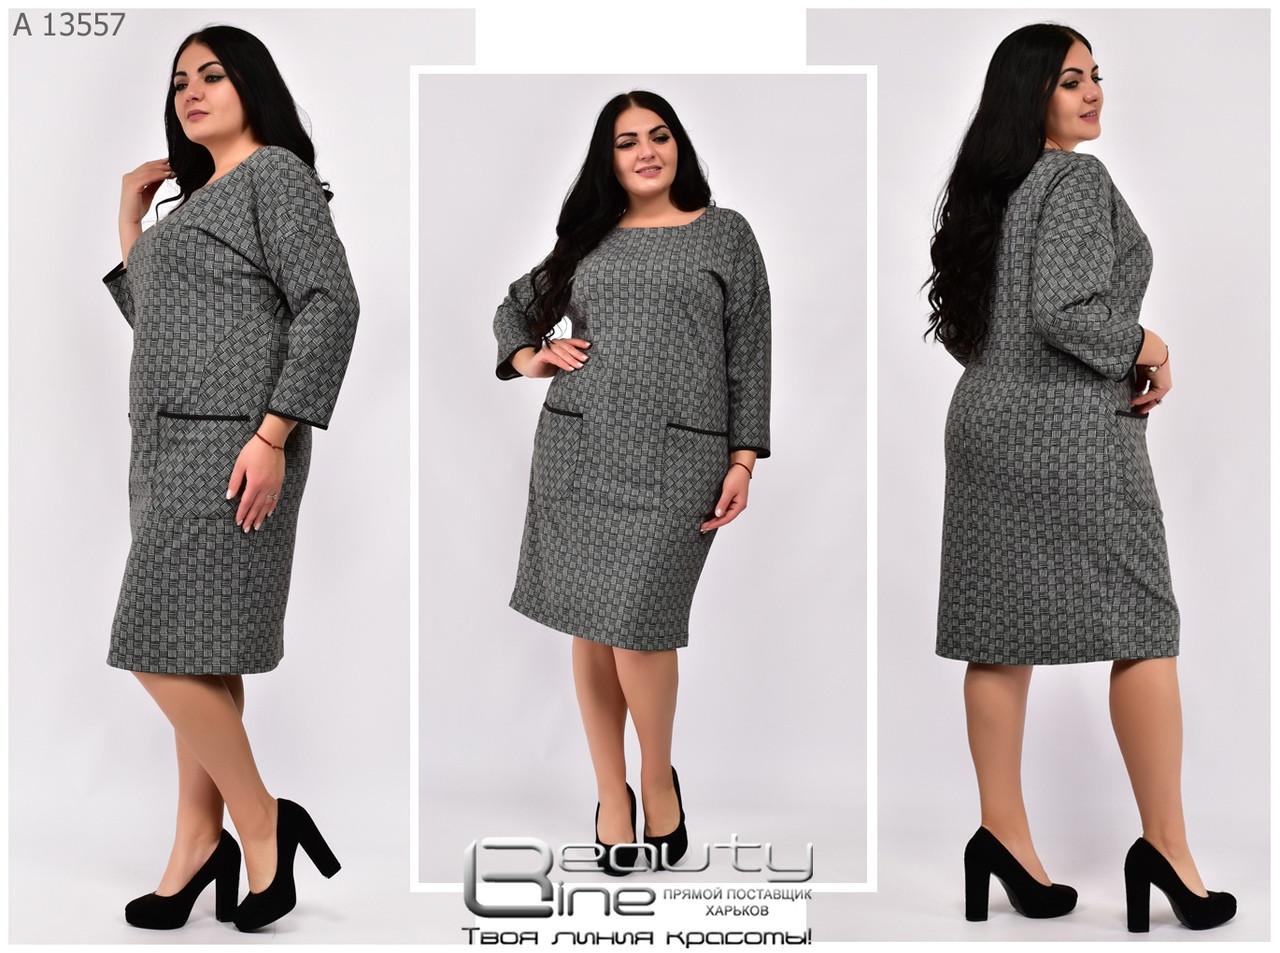 Стильное платье прямого кроя  Размеры: 50,52,54,56